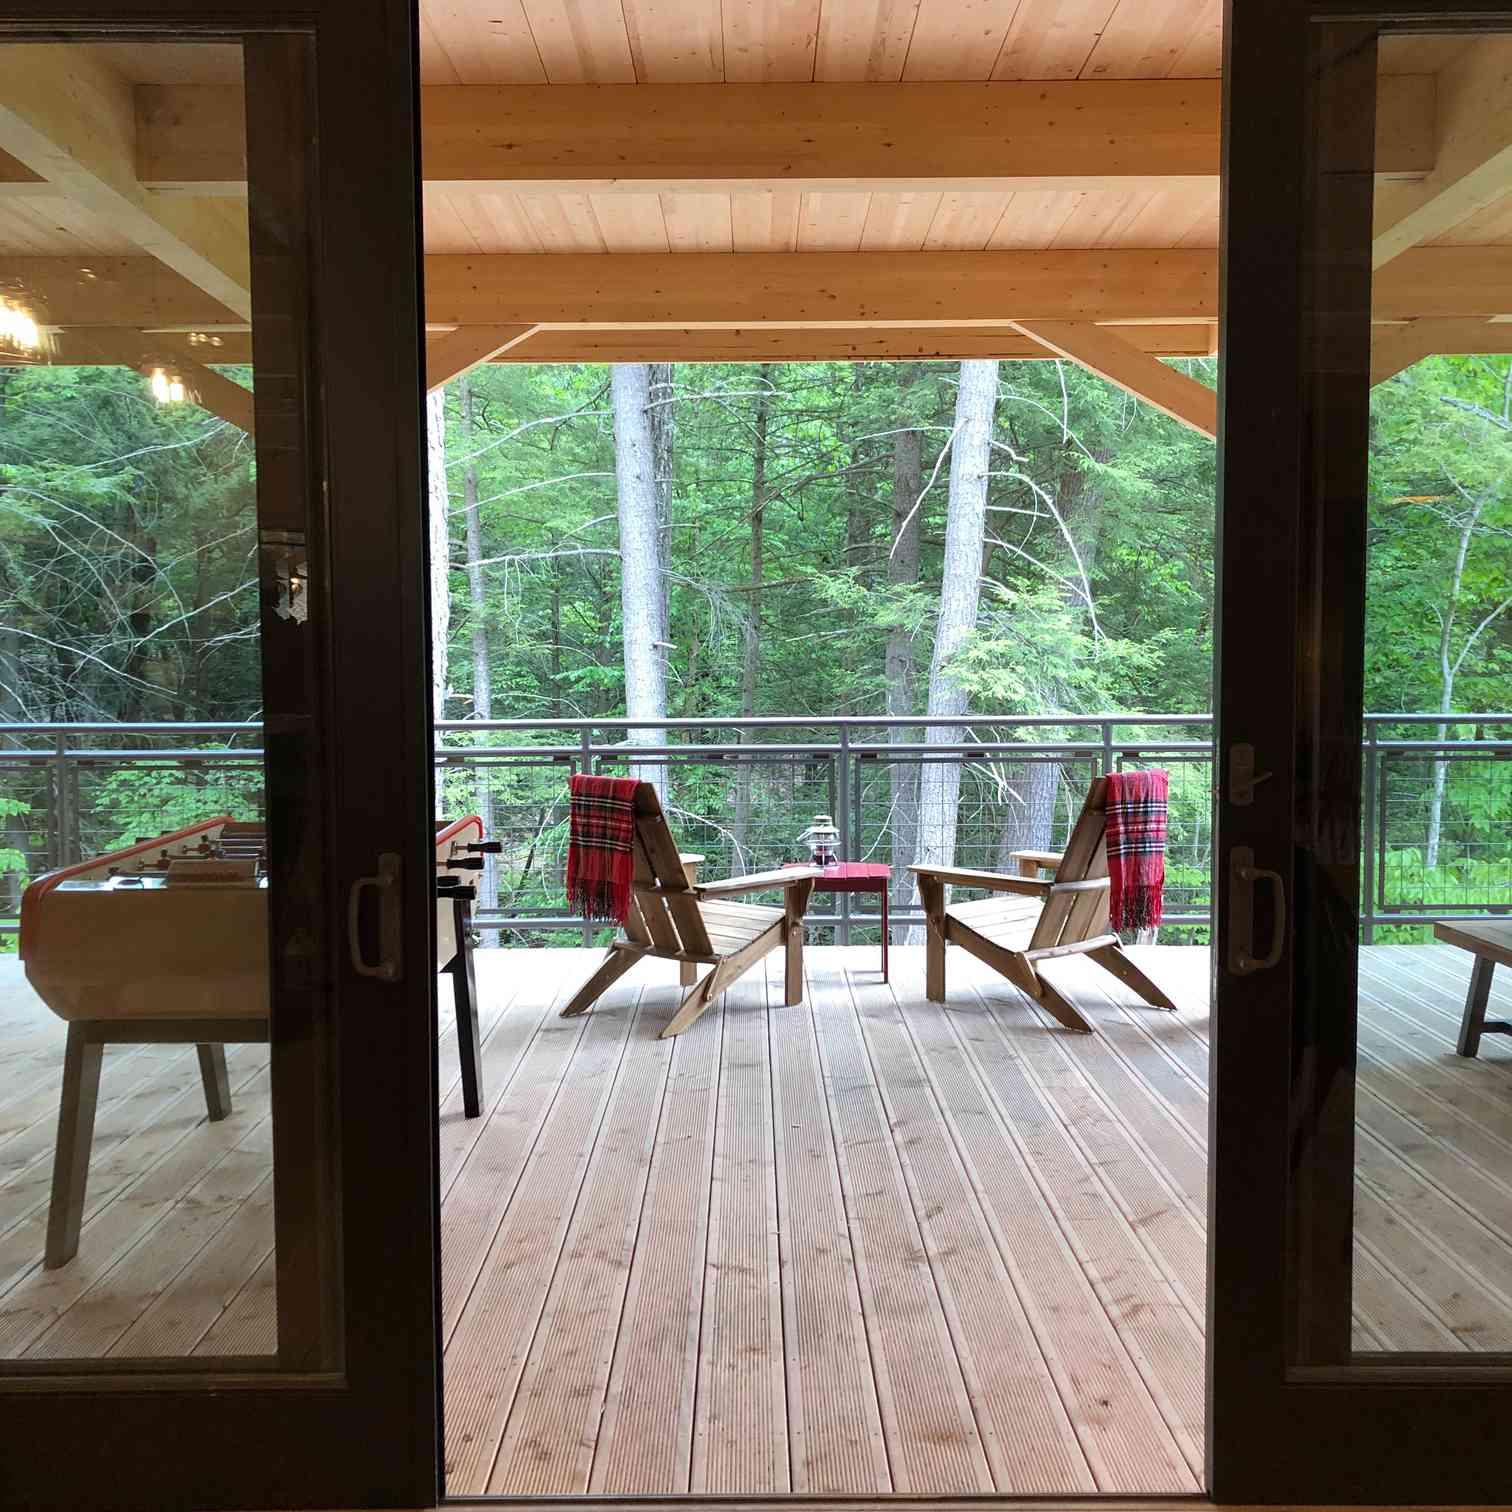 Huttopia Adirondacks main lodge